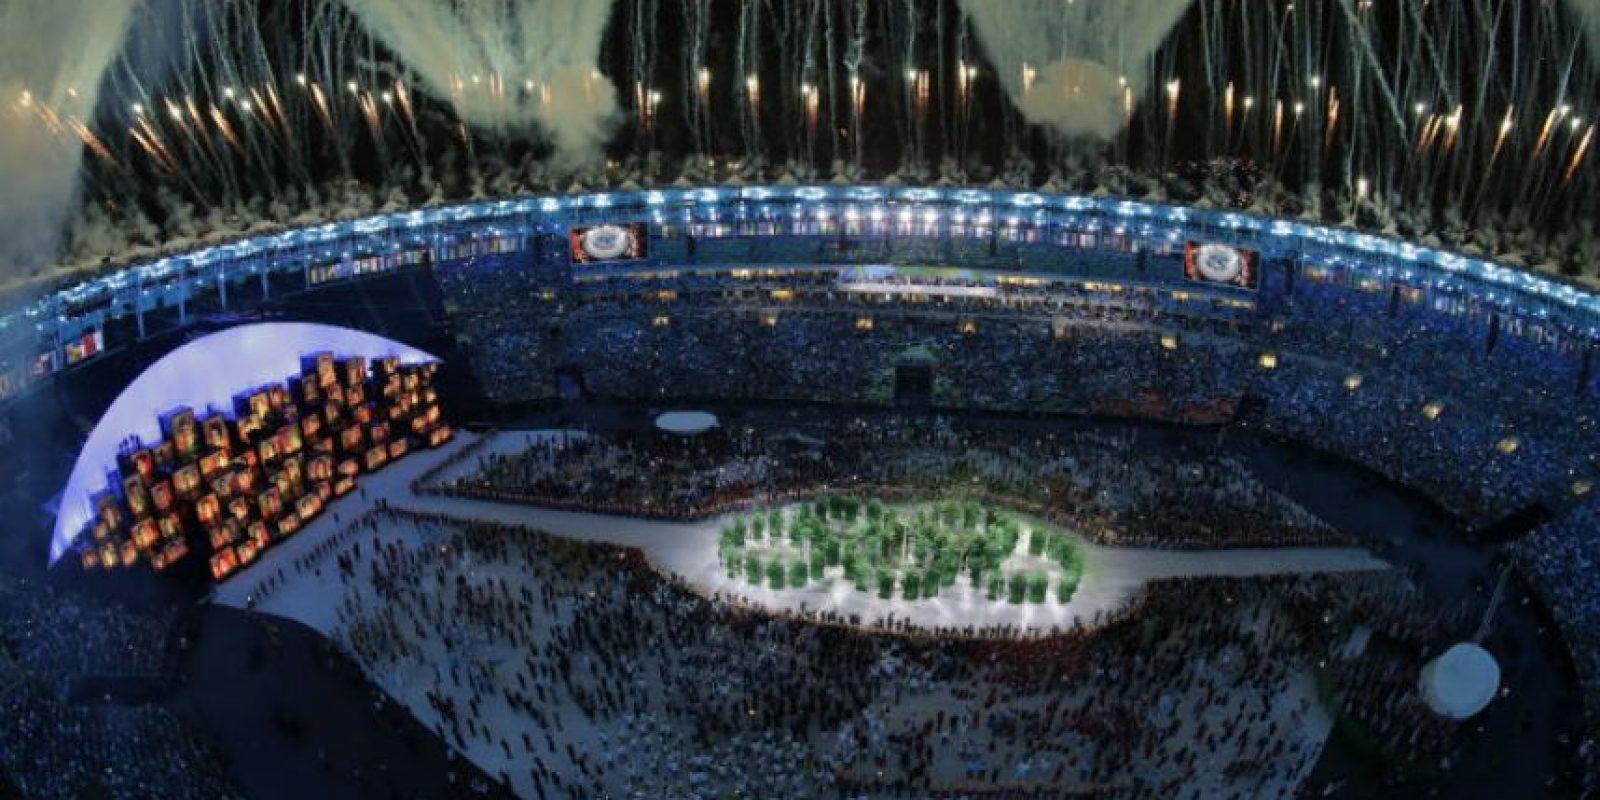 Lo mejor de la inauguración de los Juegos Olímpicos de Río 2016: Todas las delegaciones reunidas como una sola Foto:Getty Images